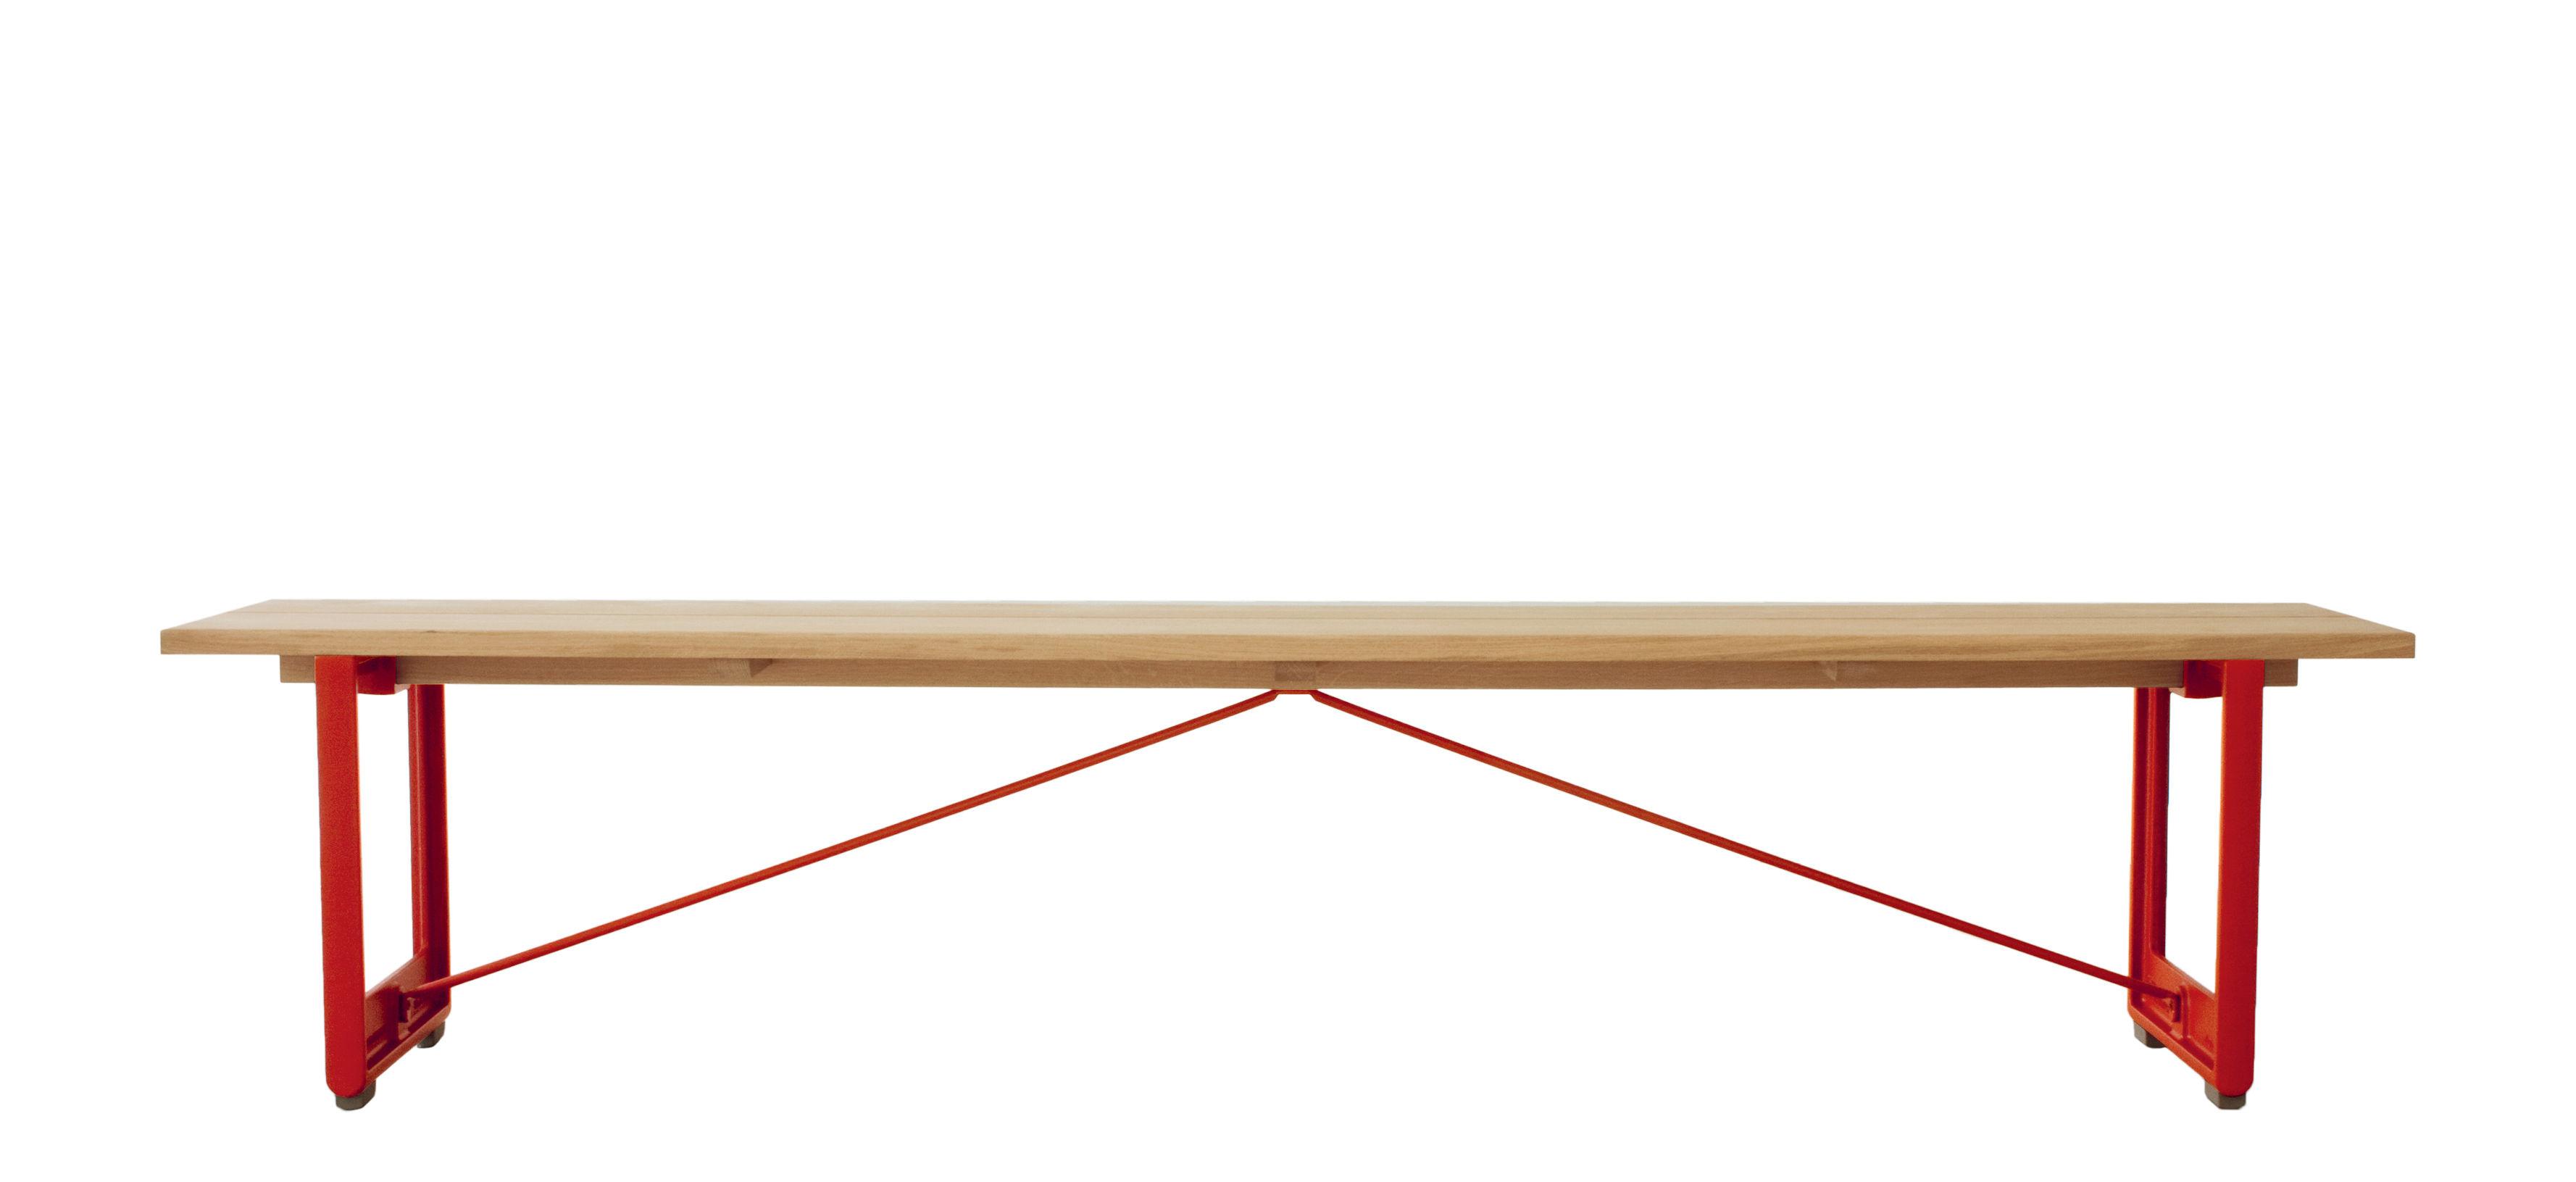 Möbel - Bänke - Brut Bank / Holz & Gusseisen - L 220 cm - Magis - Rot / Eiche - Lackiertes Gusseisen, massive Eiche